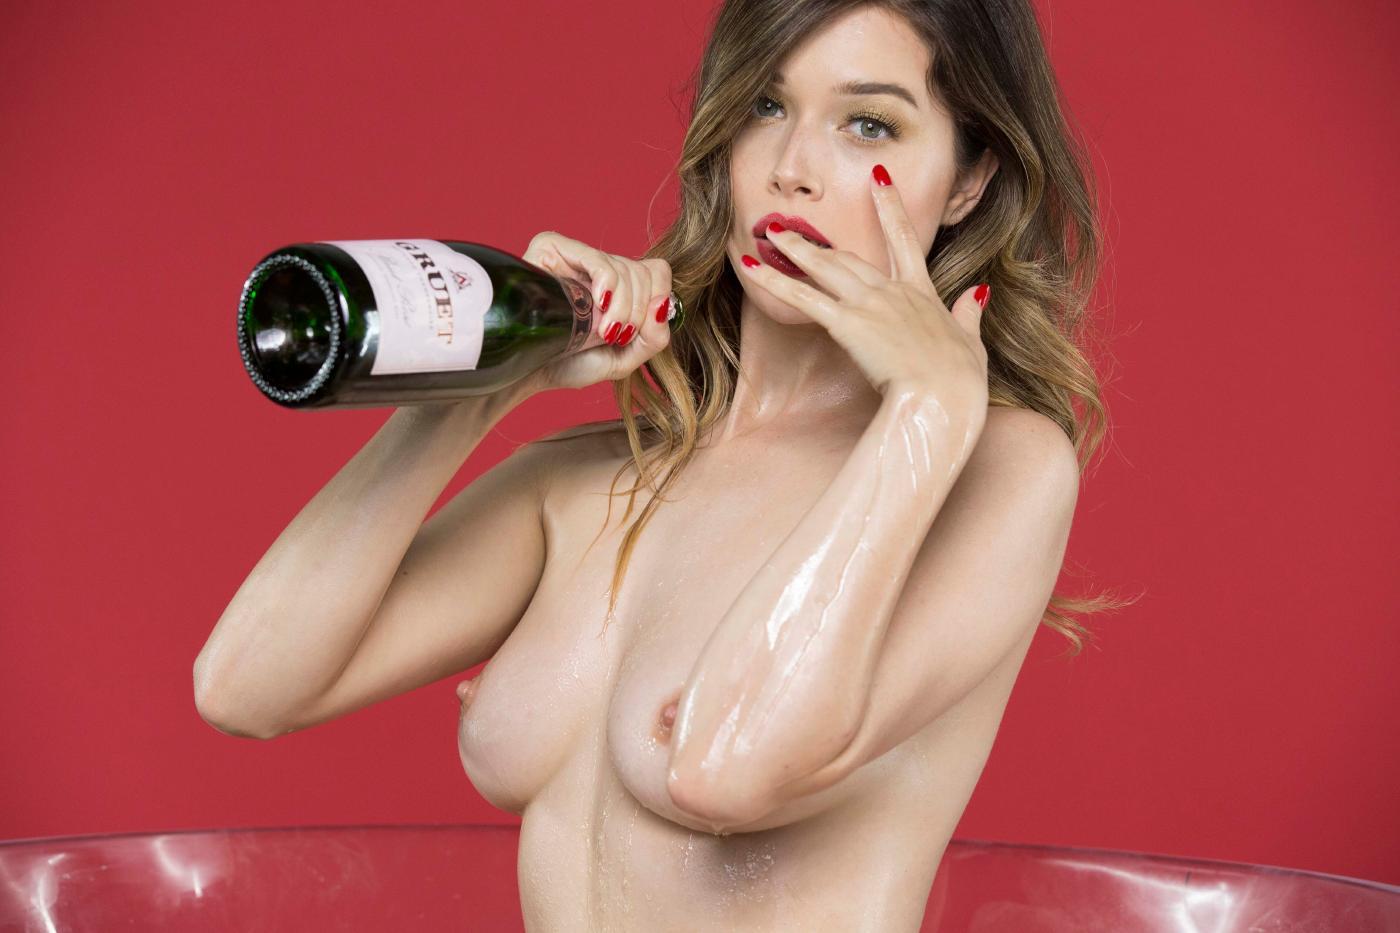 Lauren Summer Nude Playboy Photoshoot Leaked Hctgmf